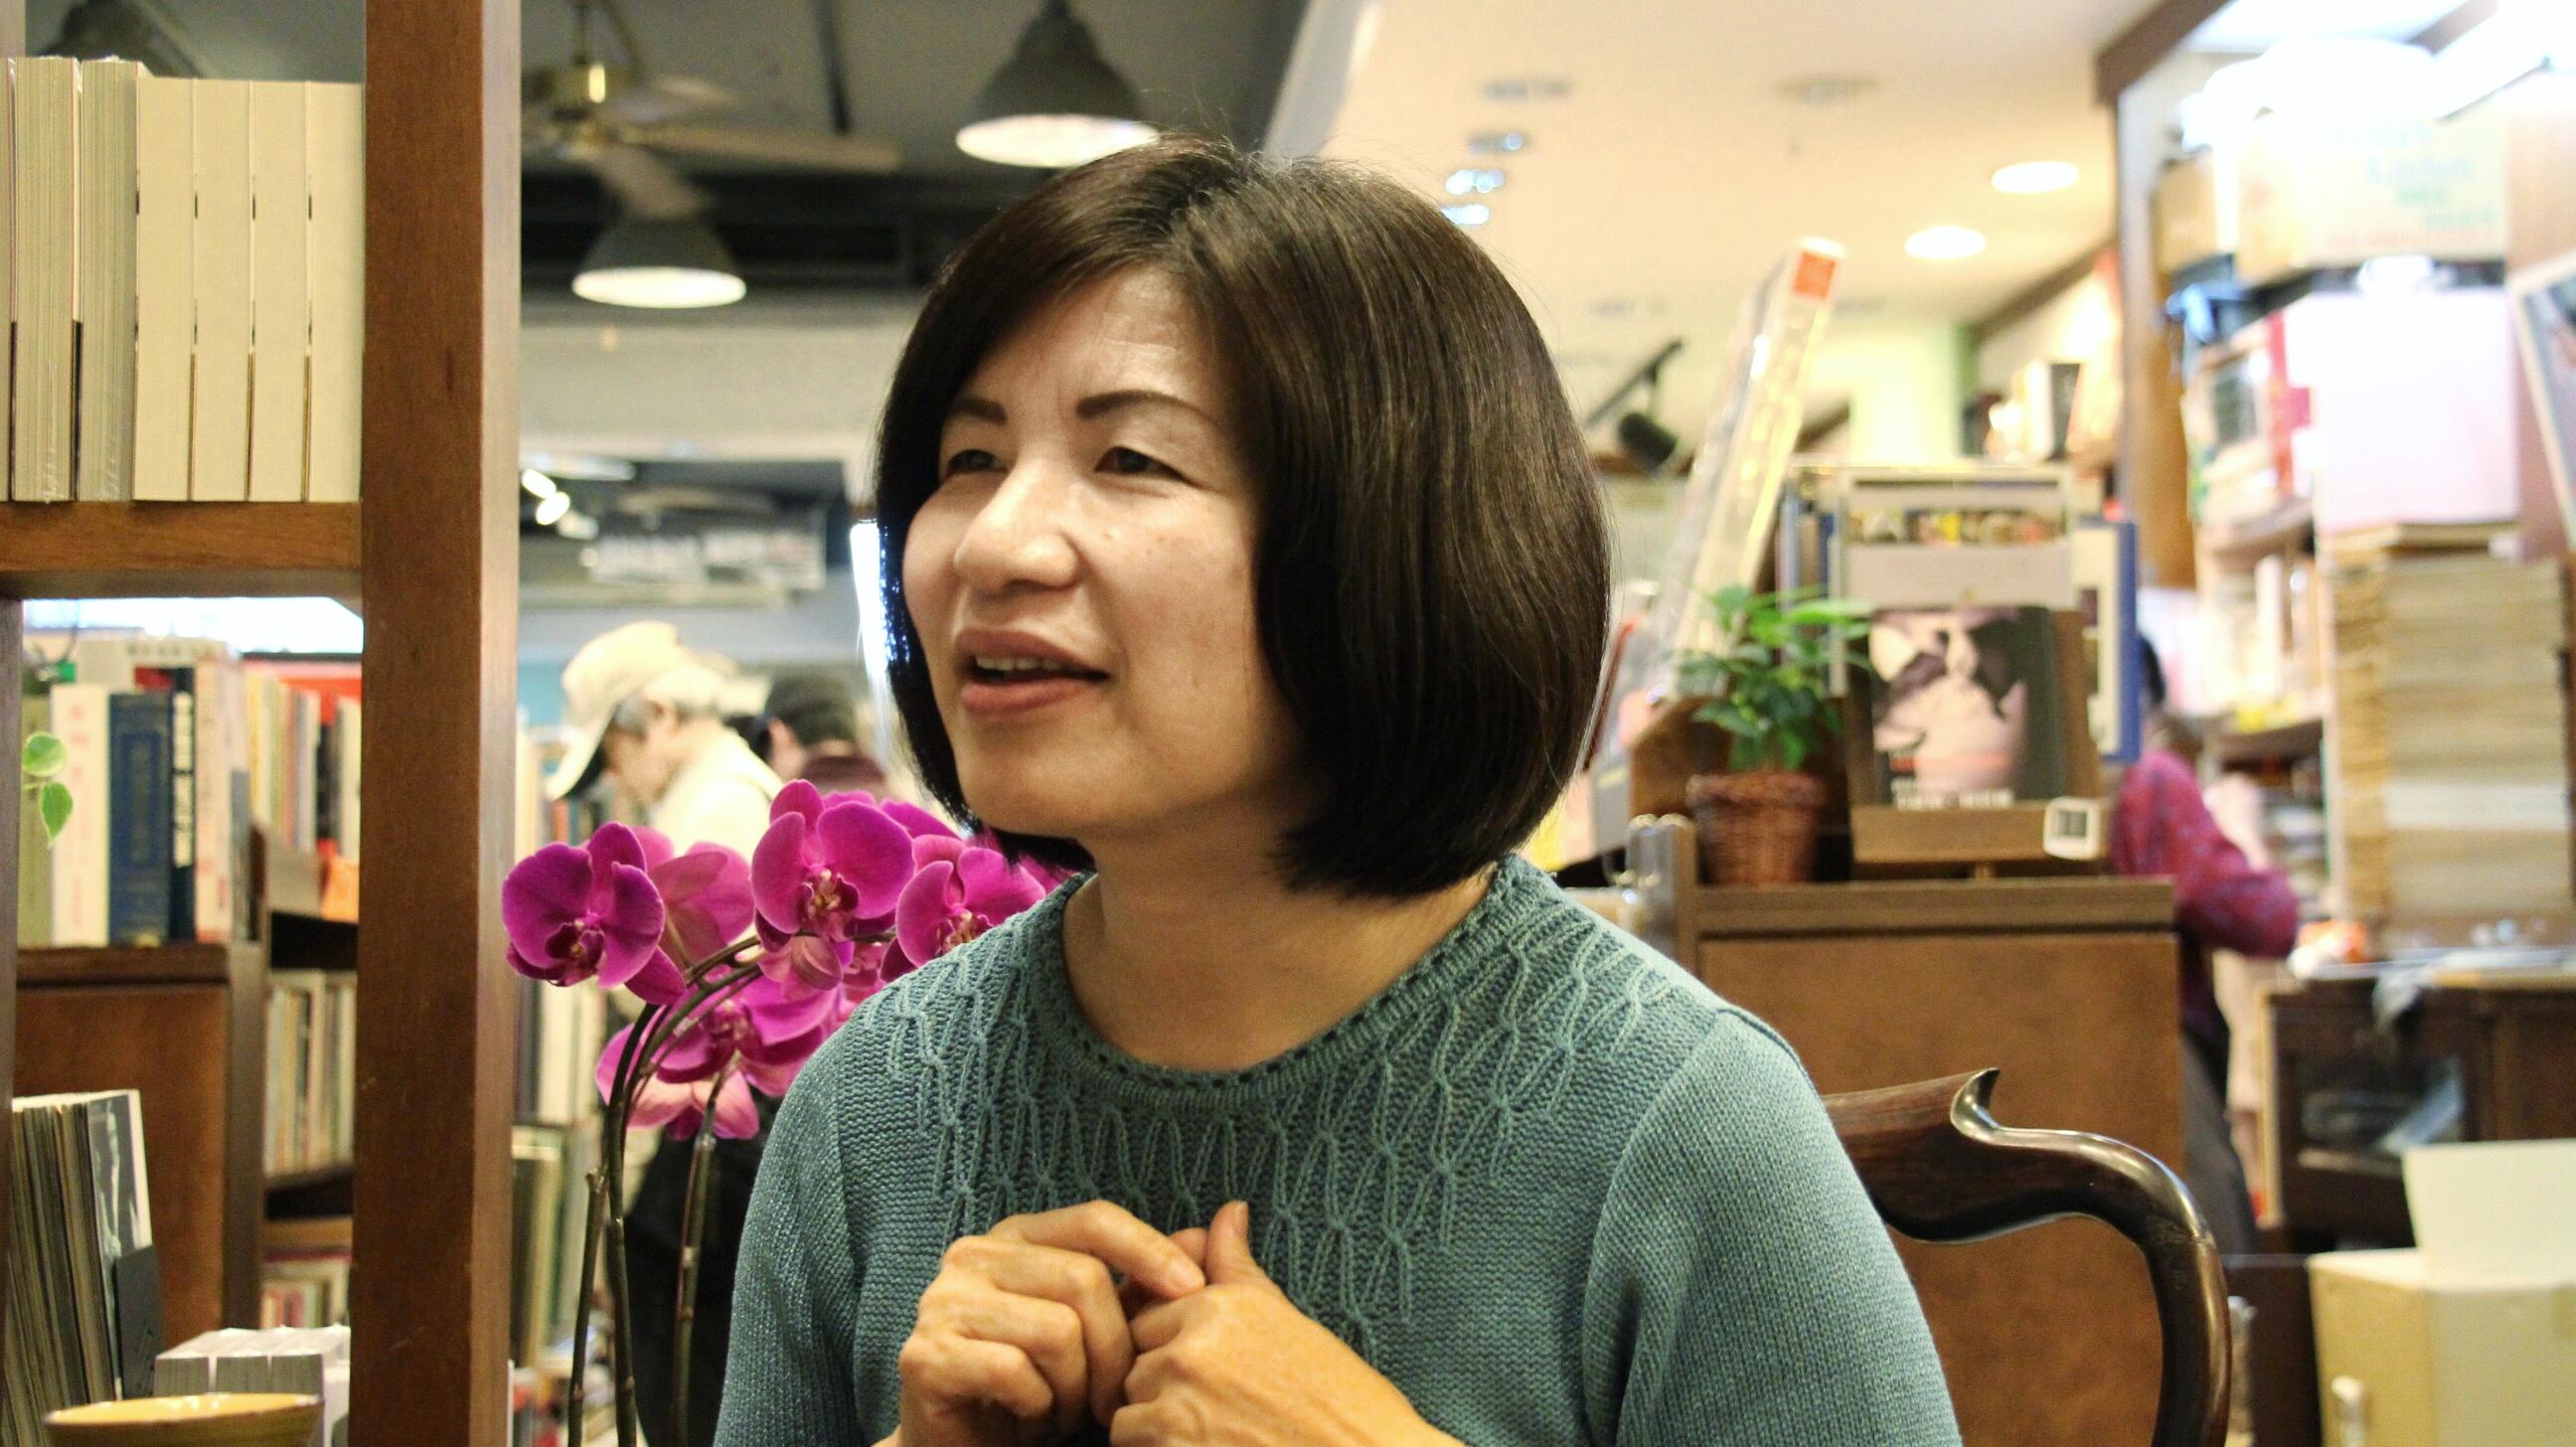 胡思二手書店店長蔡能寶分析電子書市場與二手書市場的未來趨勢。攝影/張子怡